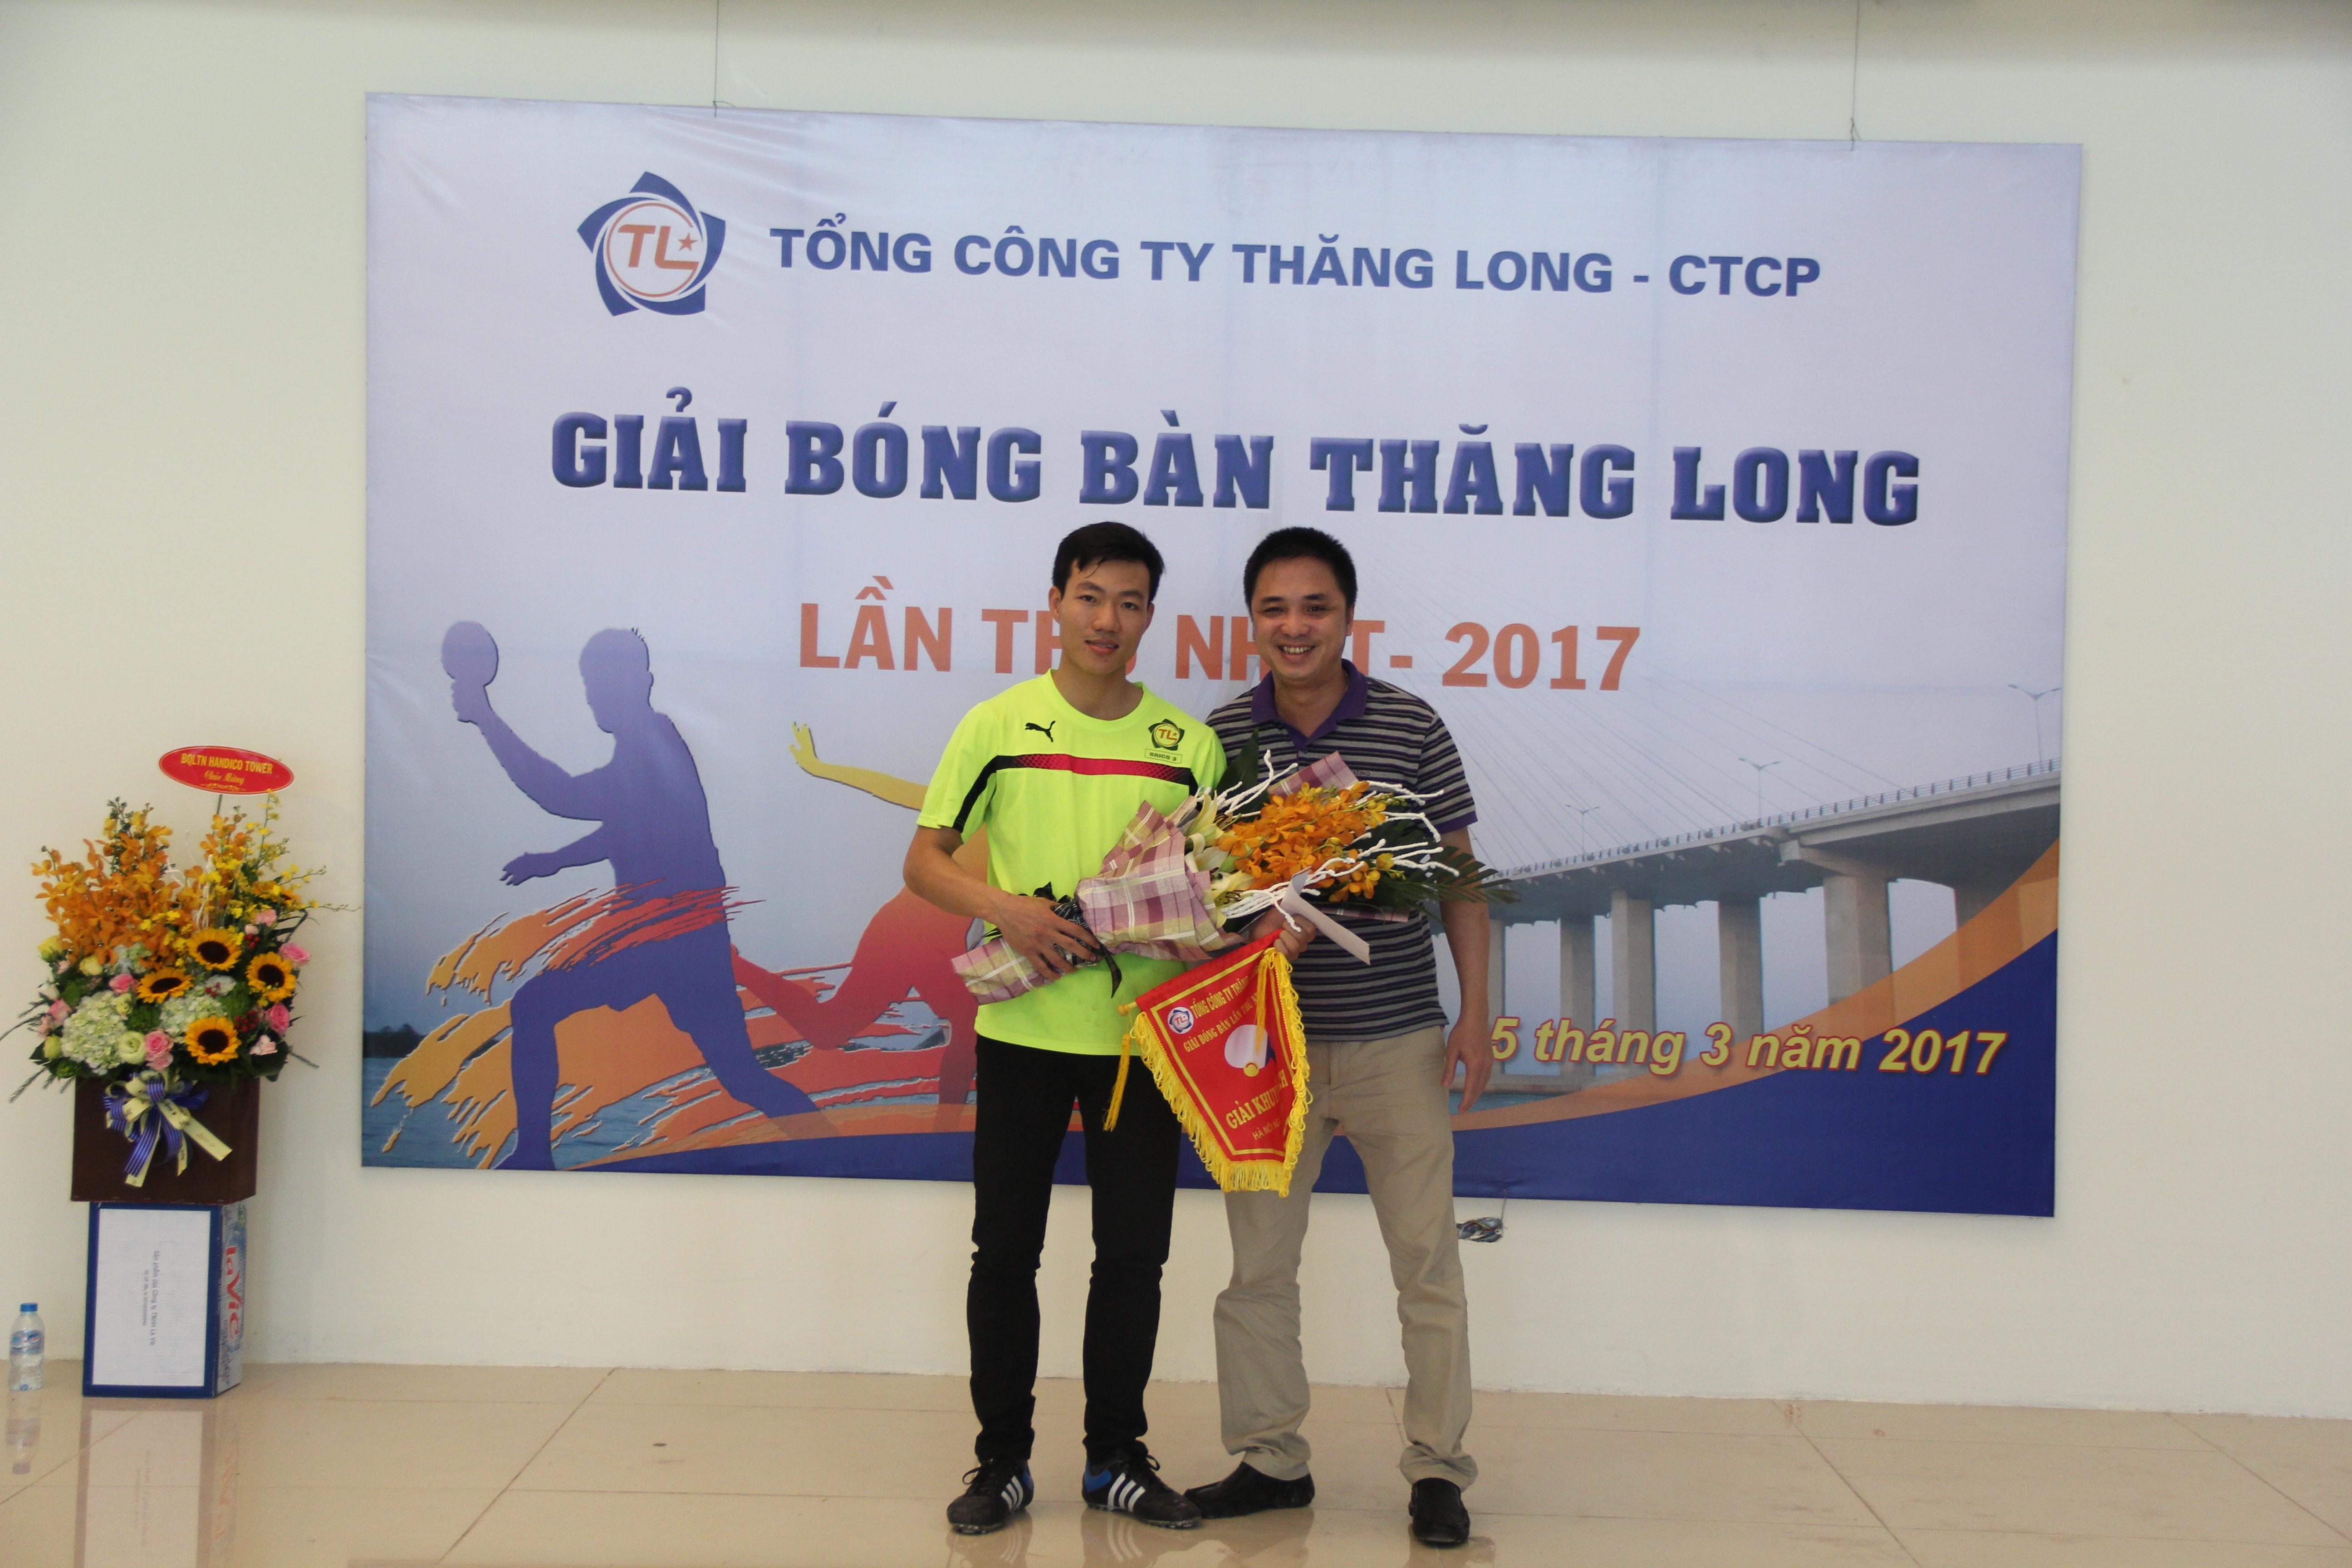 Giải bóng bàn Thăng Long lần thứ nhất.